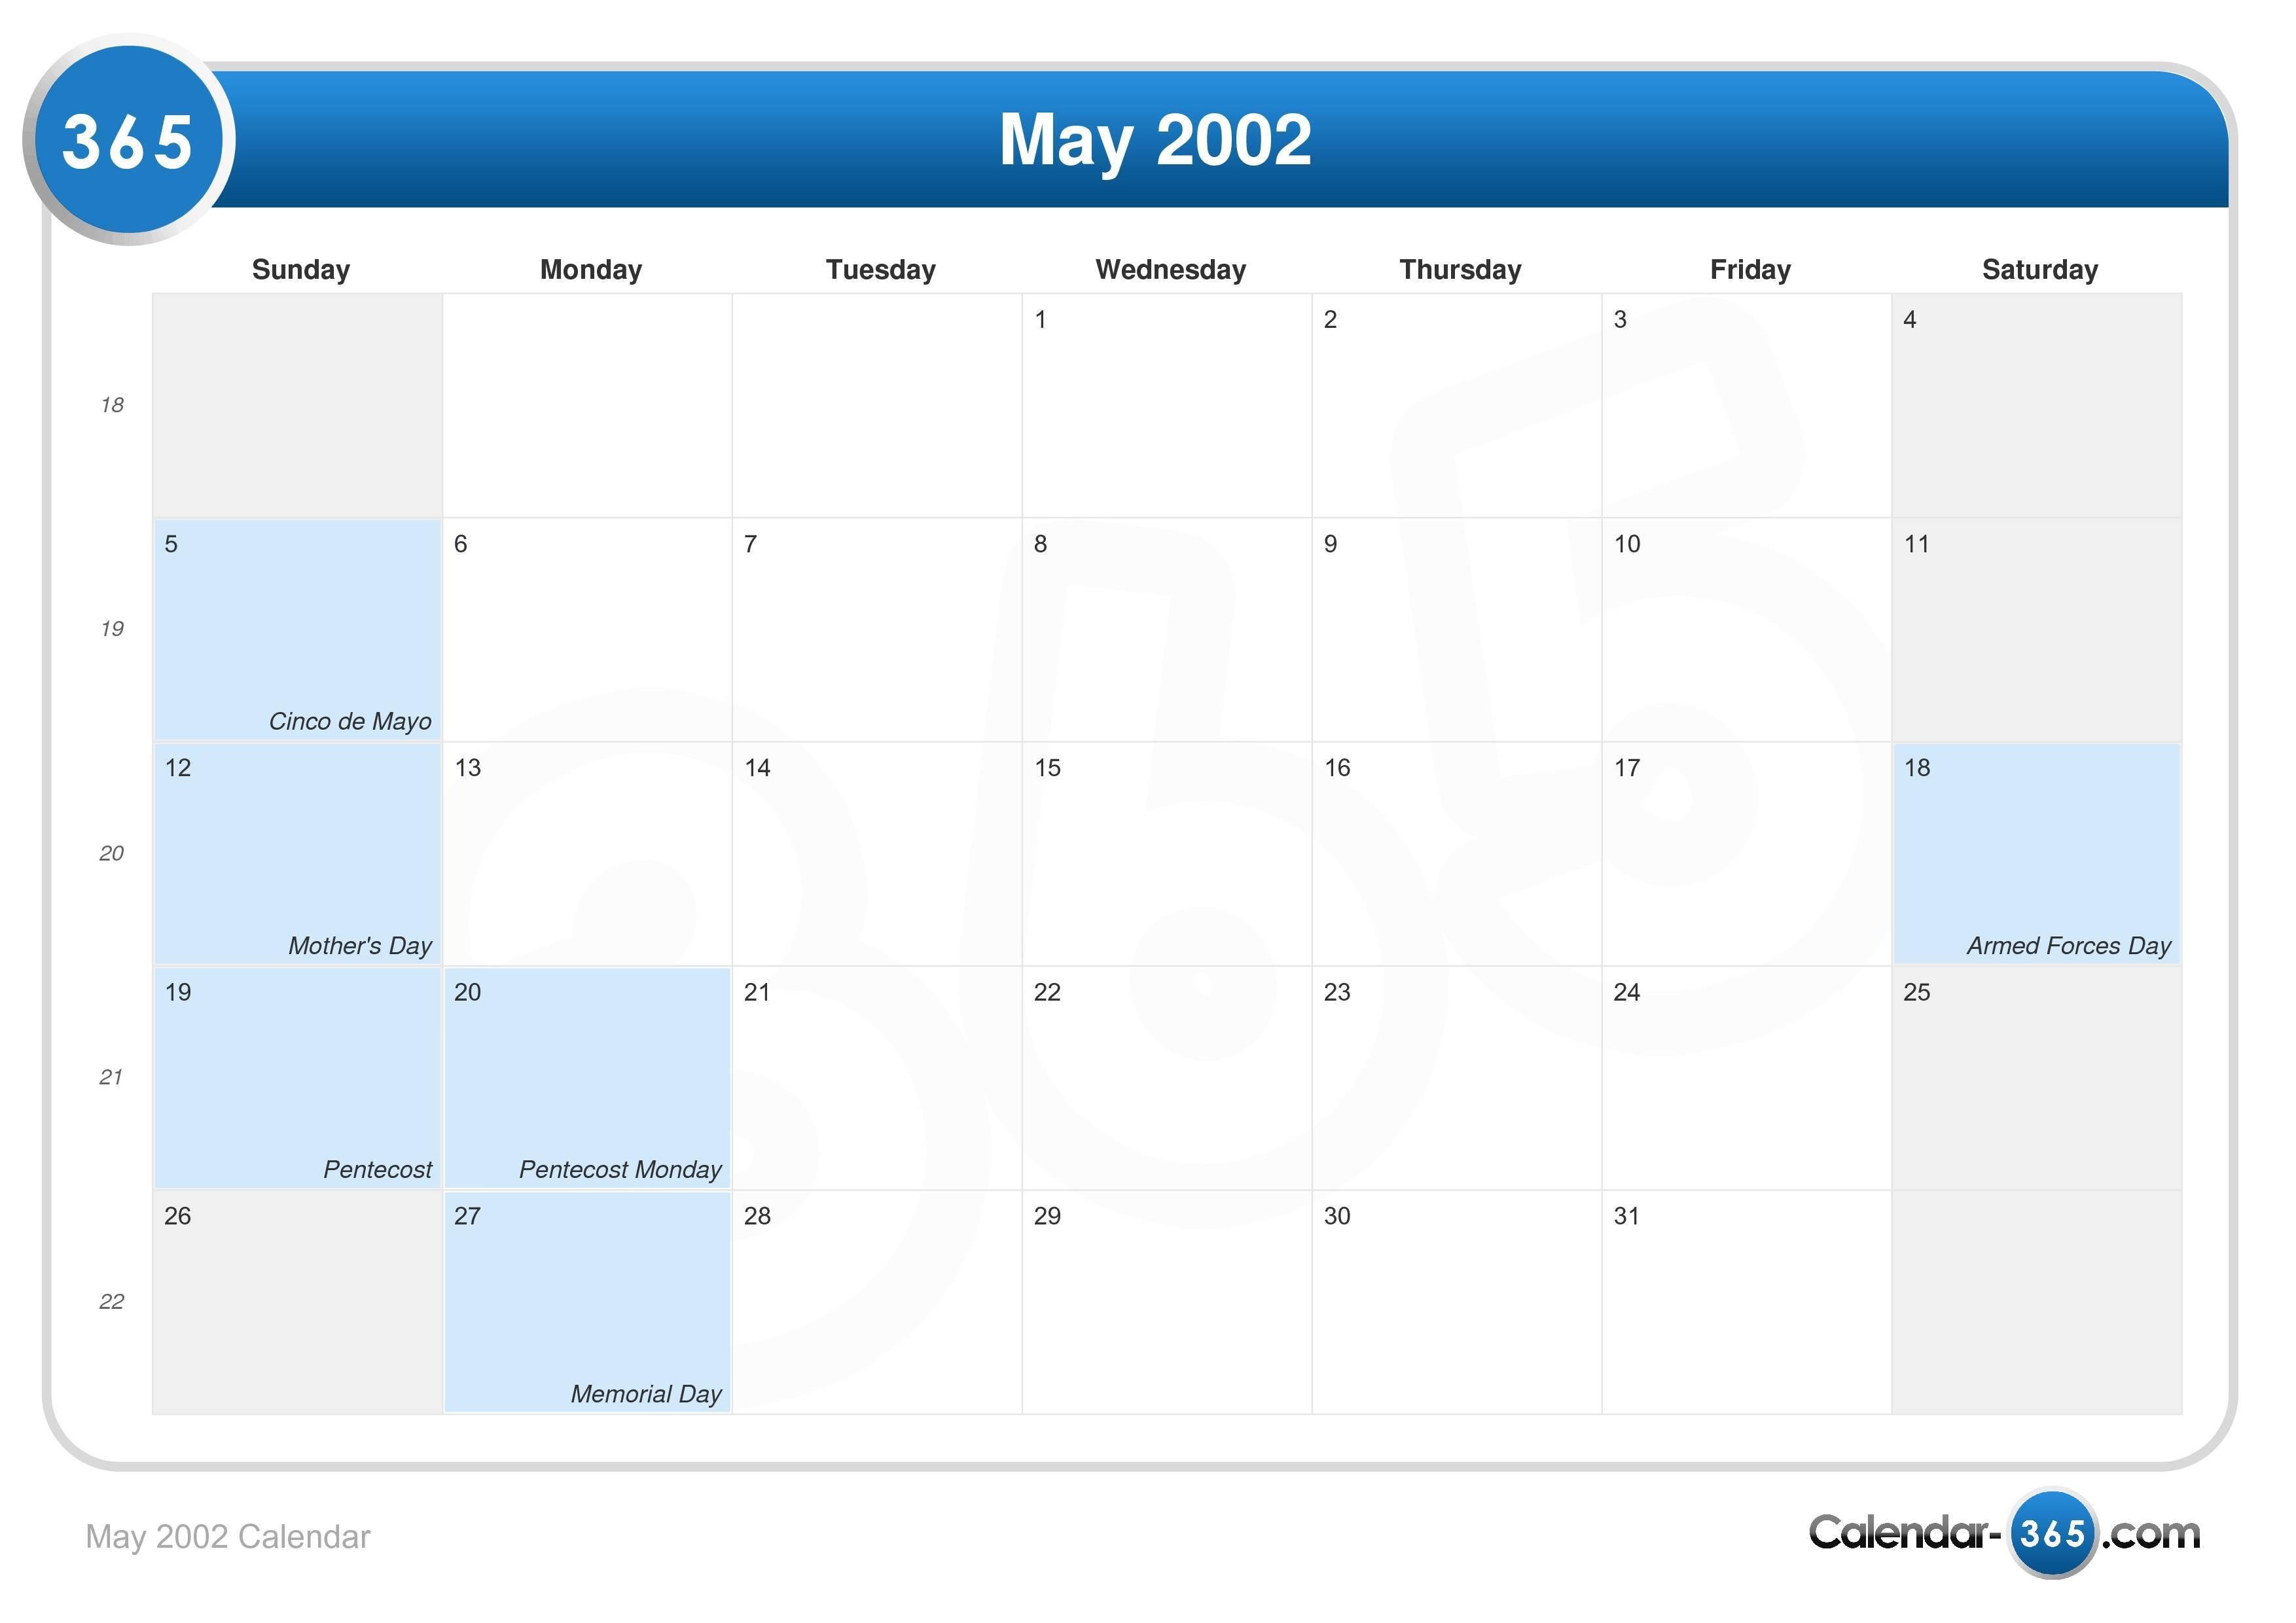 May 2002 Calendar